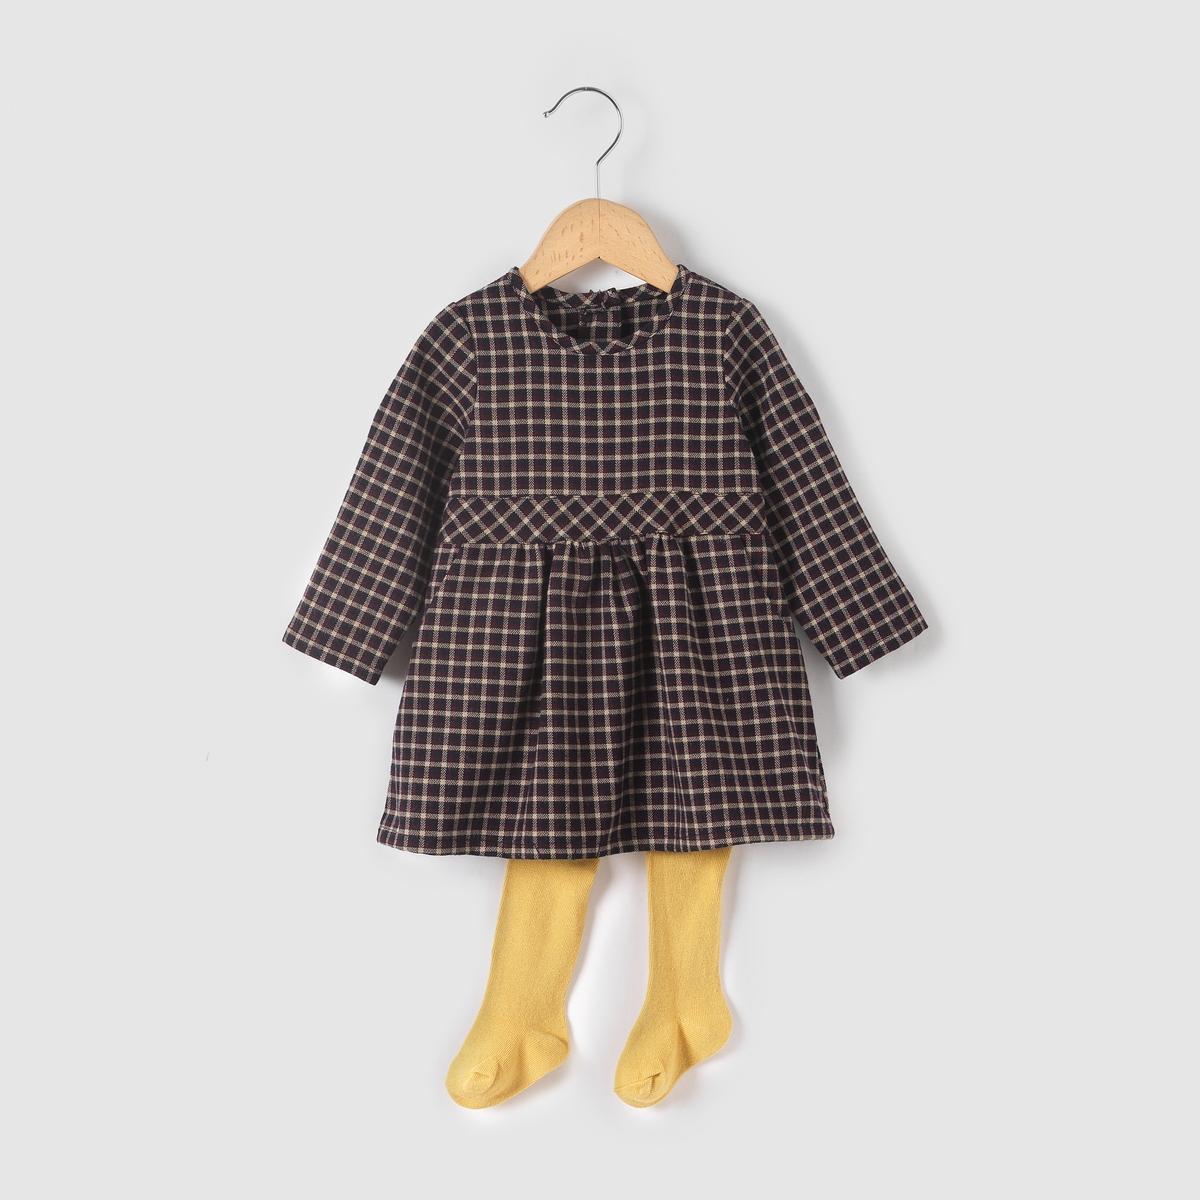 Комплект: платье и колготки 1 мес-3 лет